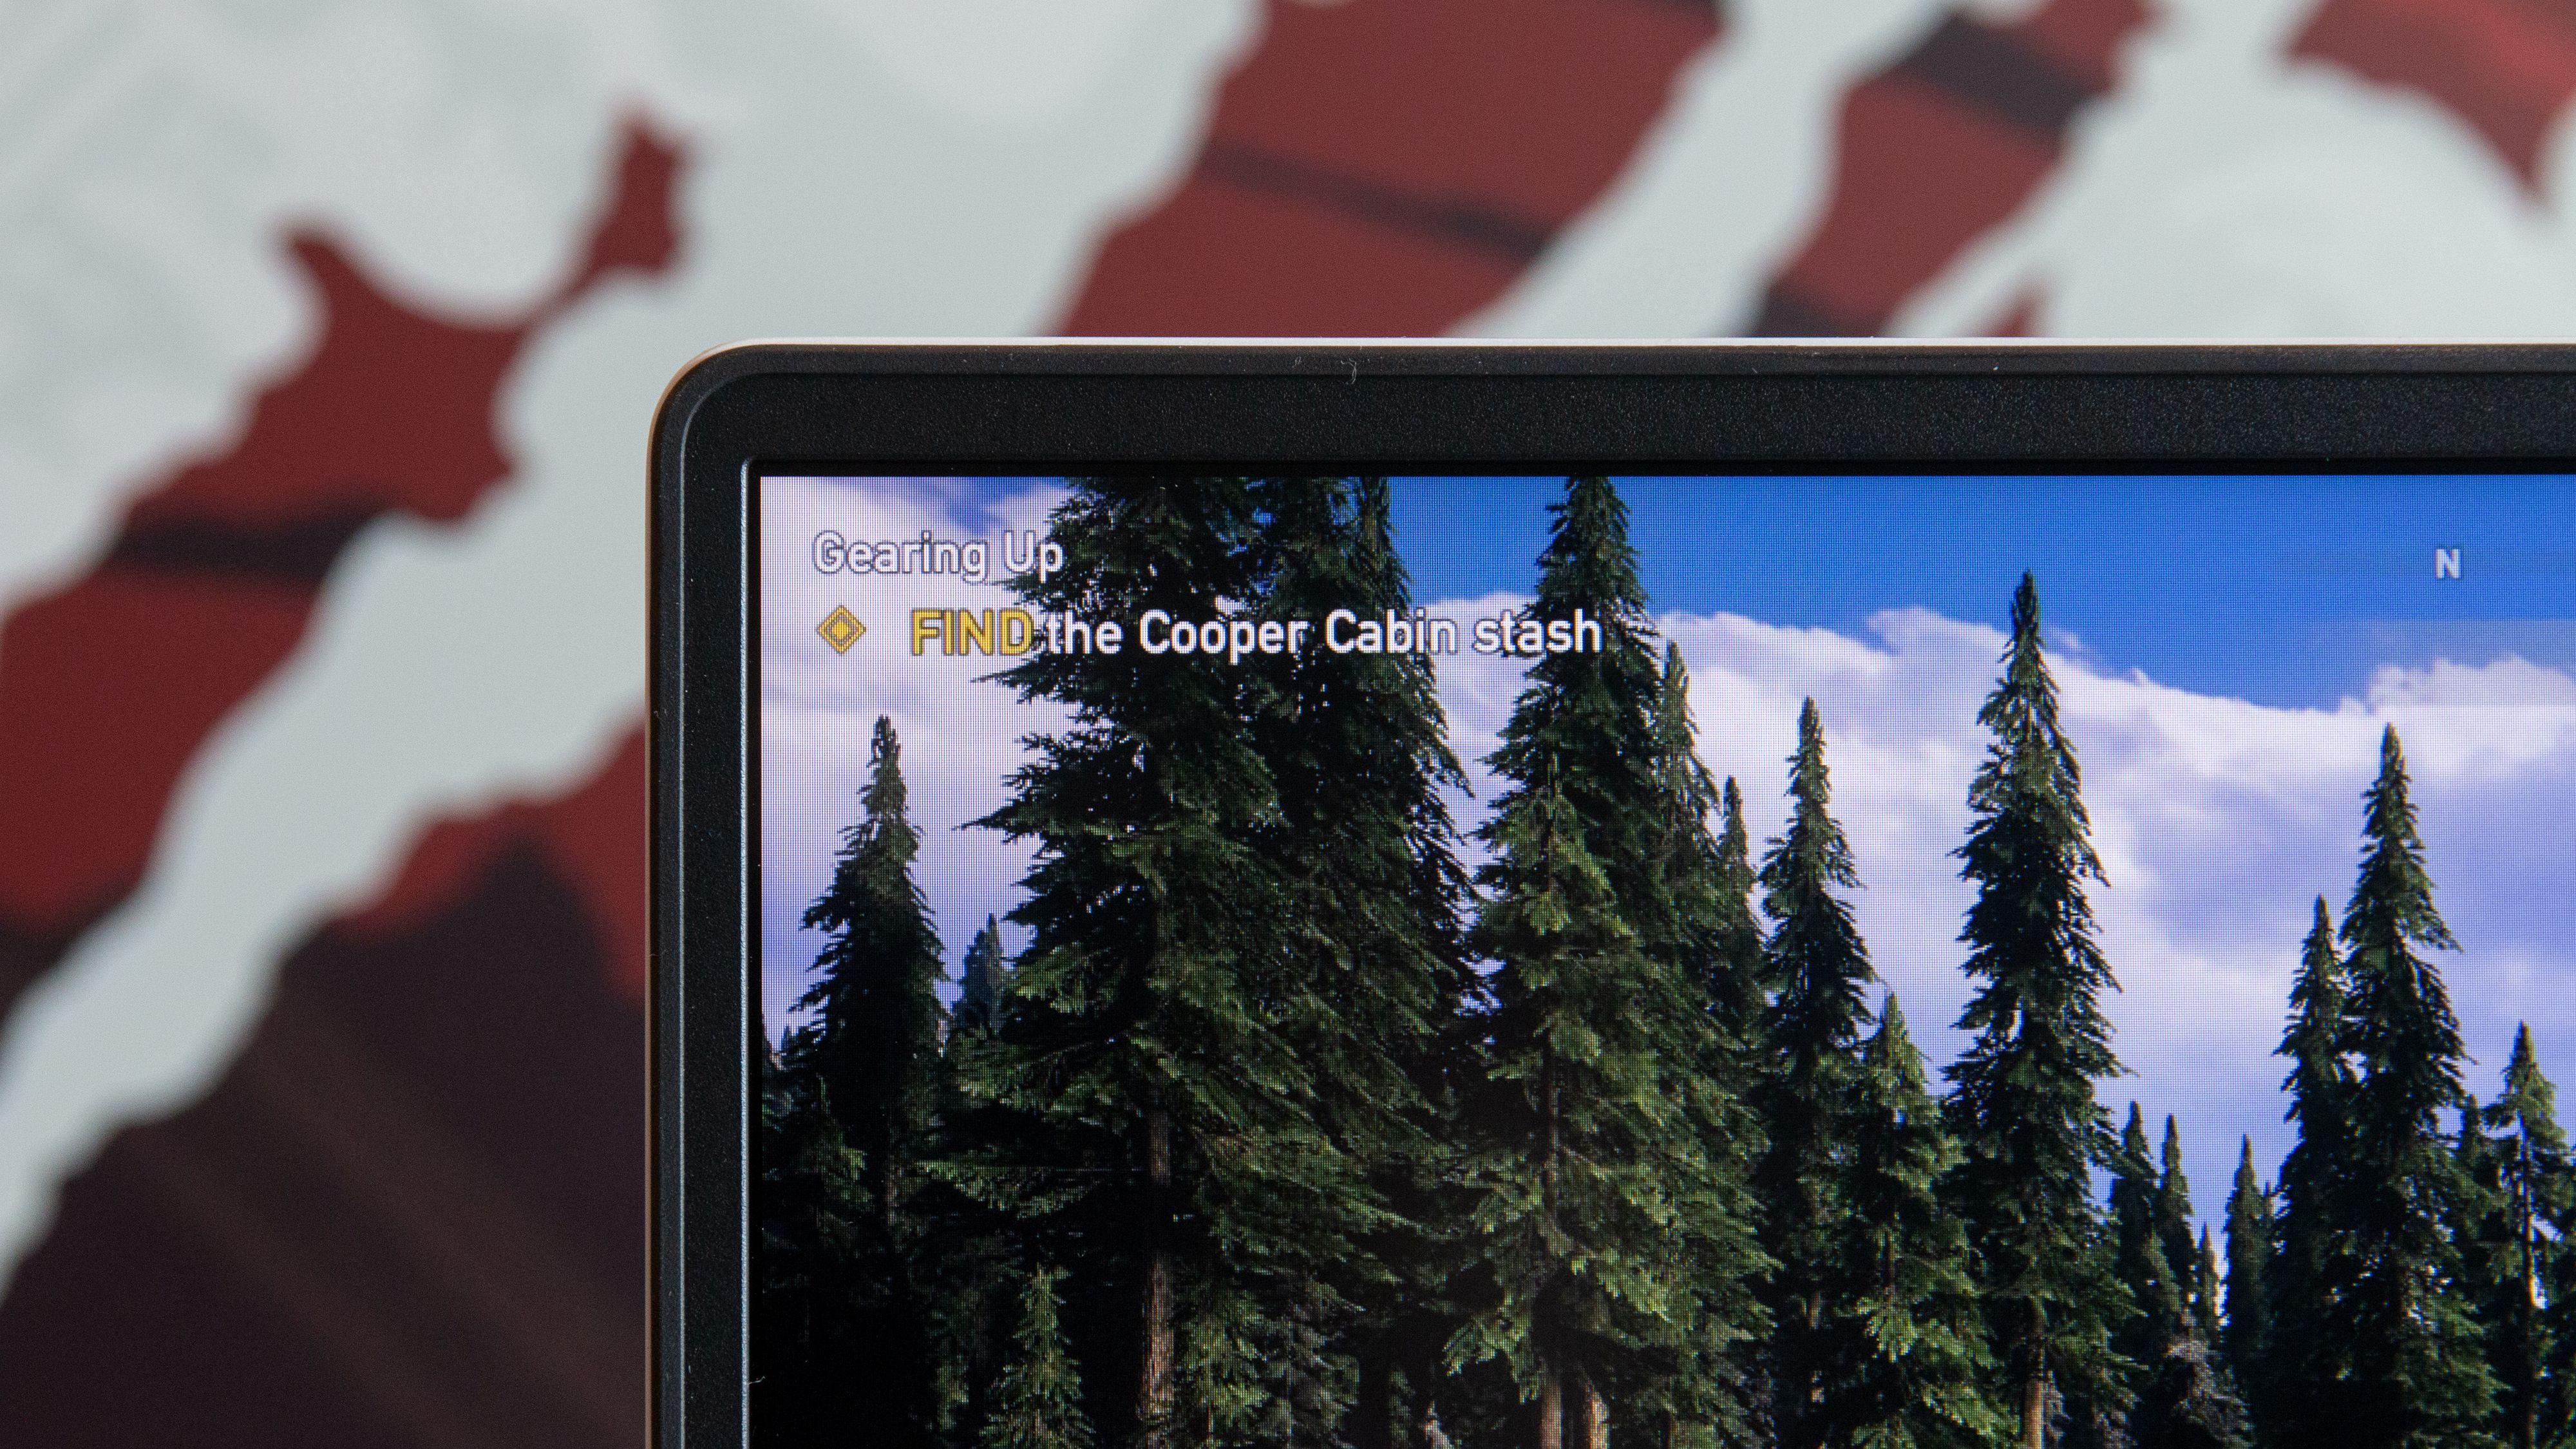 G14 har slanke skjermrammer rundt panelet.